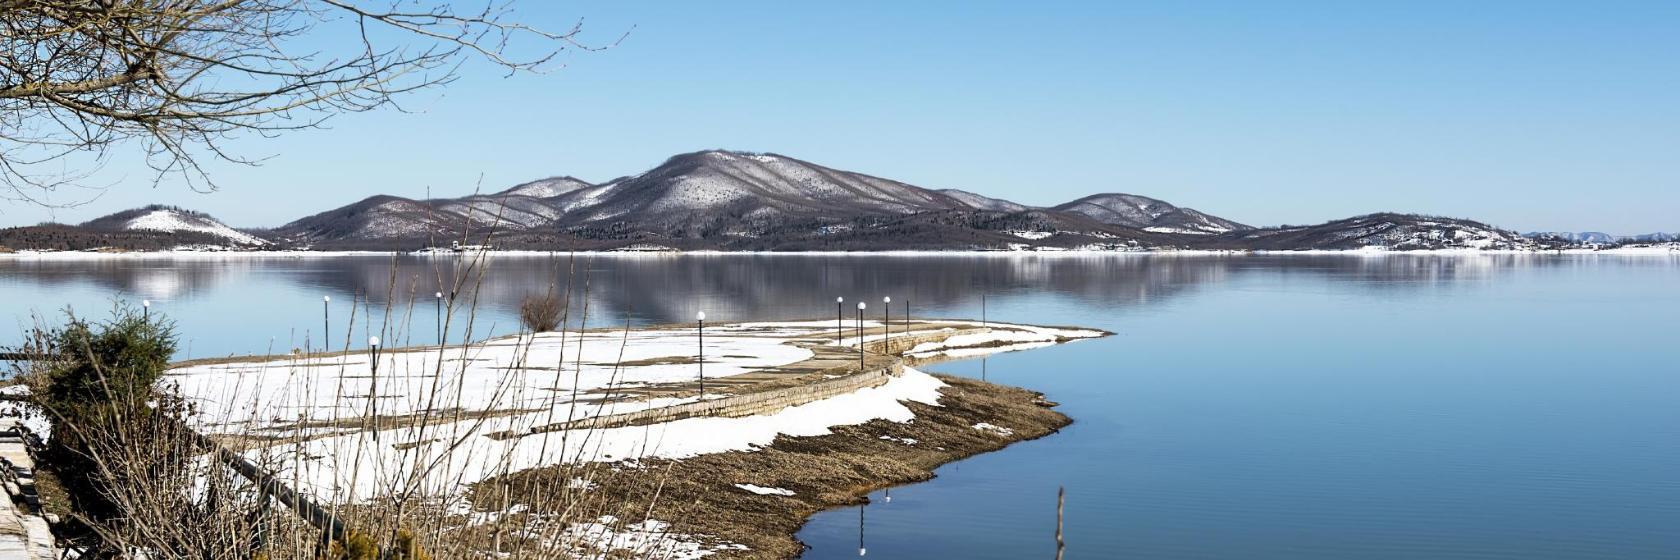 Τα 10 Καλύτερα Ξενοδοχεία σε Λίμνη Πλαστήρα και Κορυφαίες Πόλεις |  Booking.com